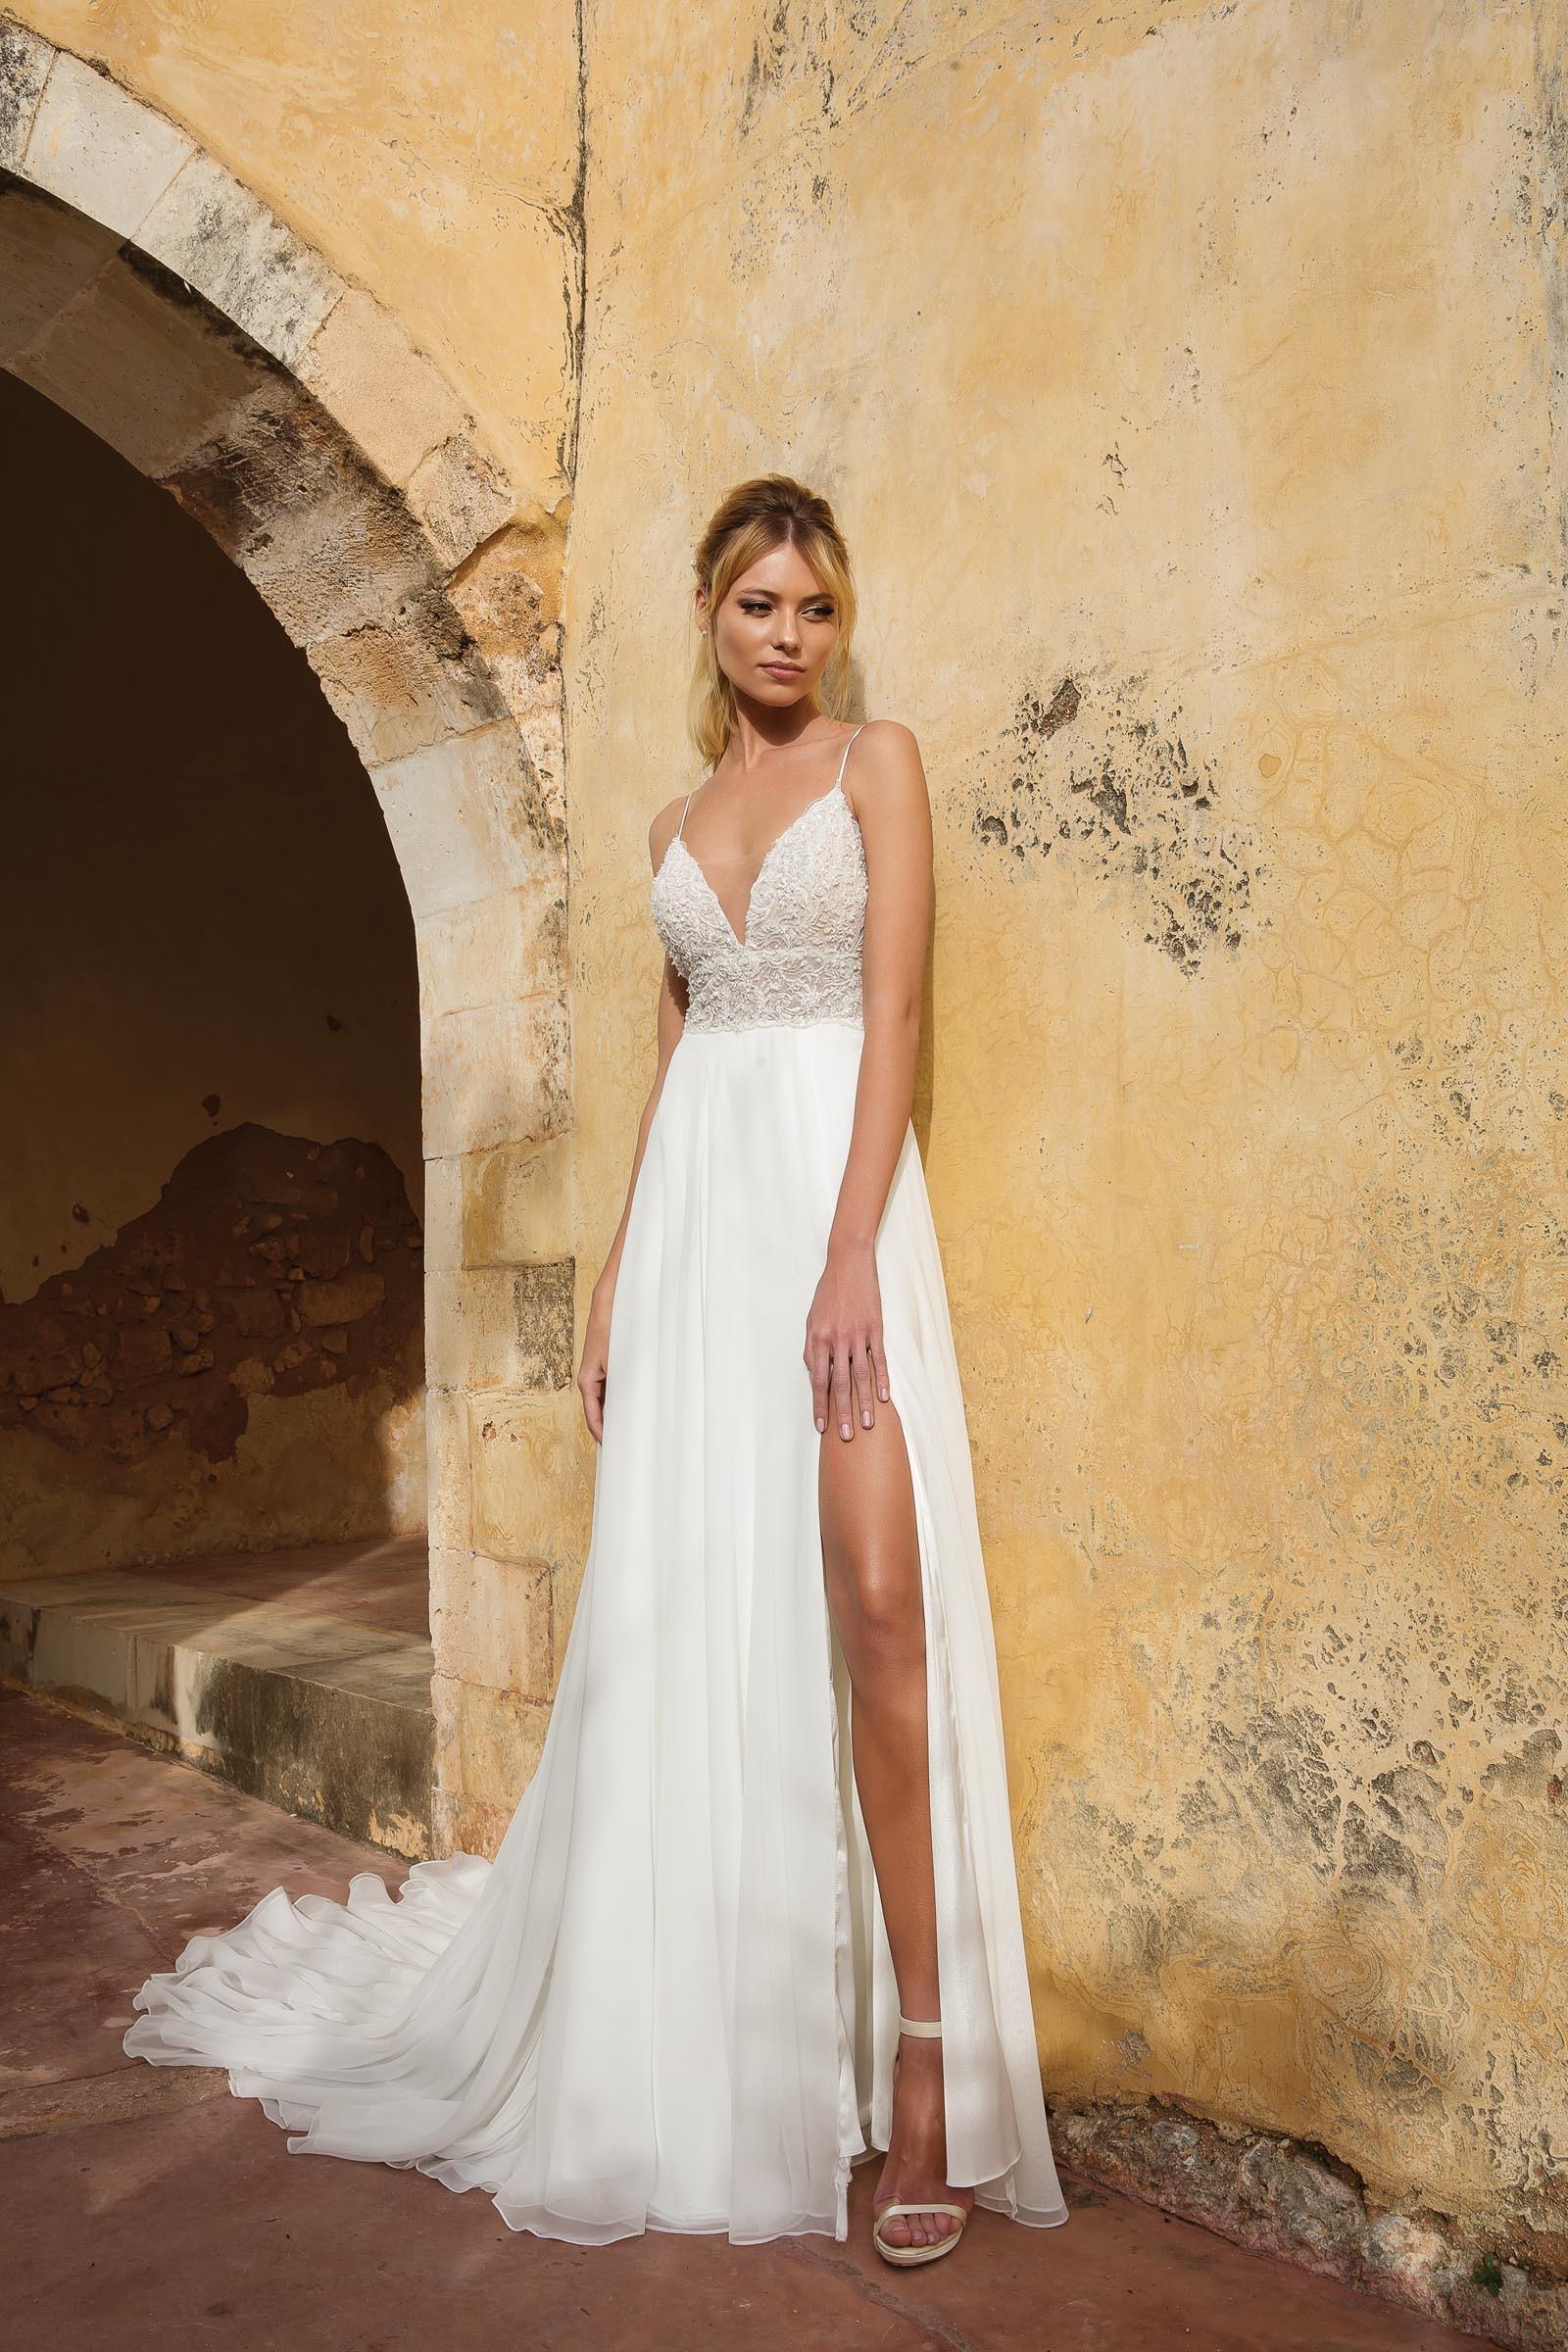 modernes Brautkleid mit großem Ausschnitt